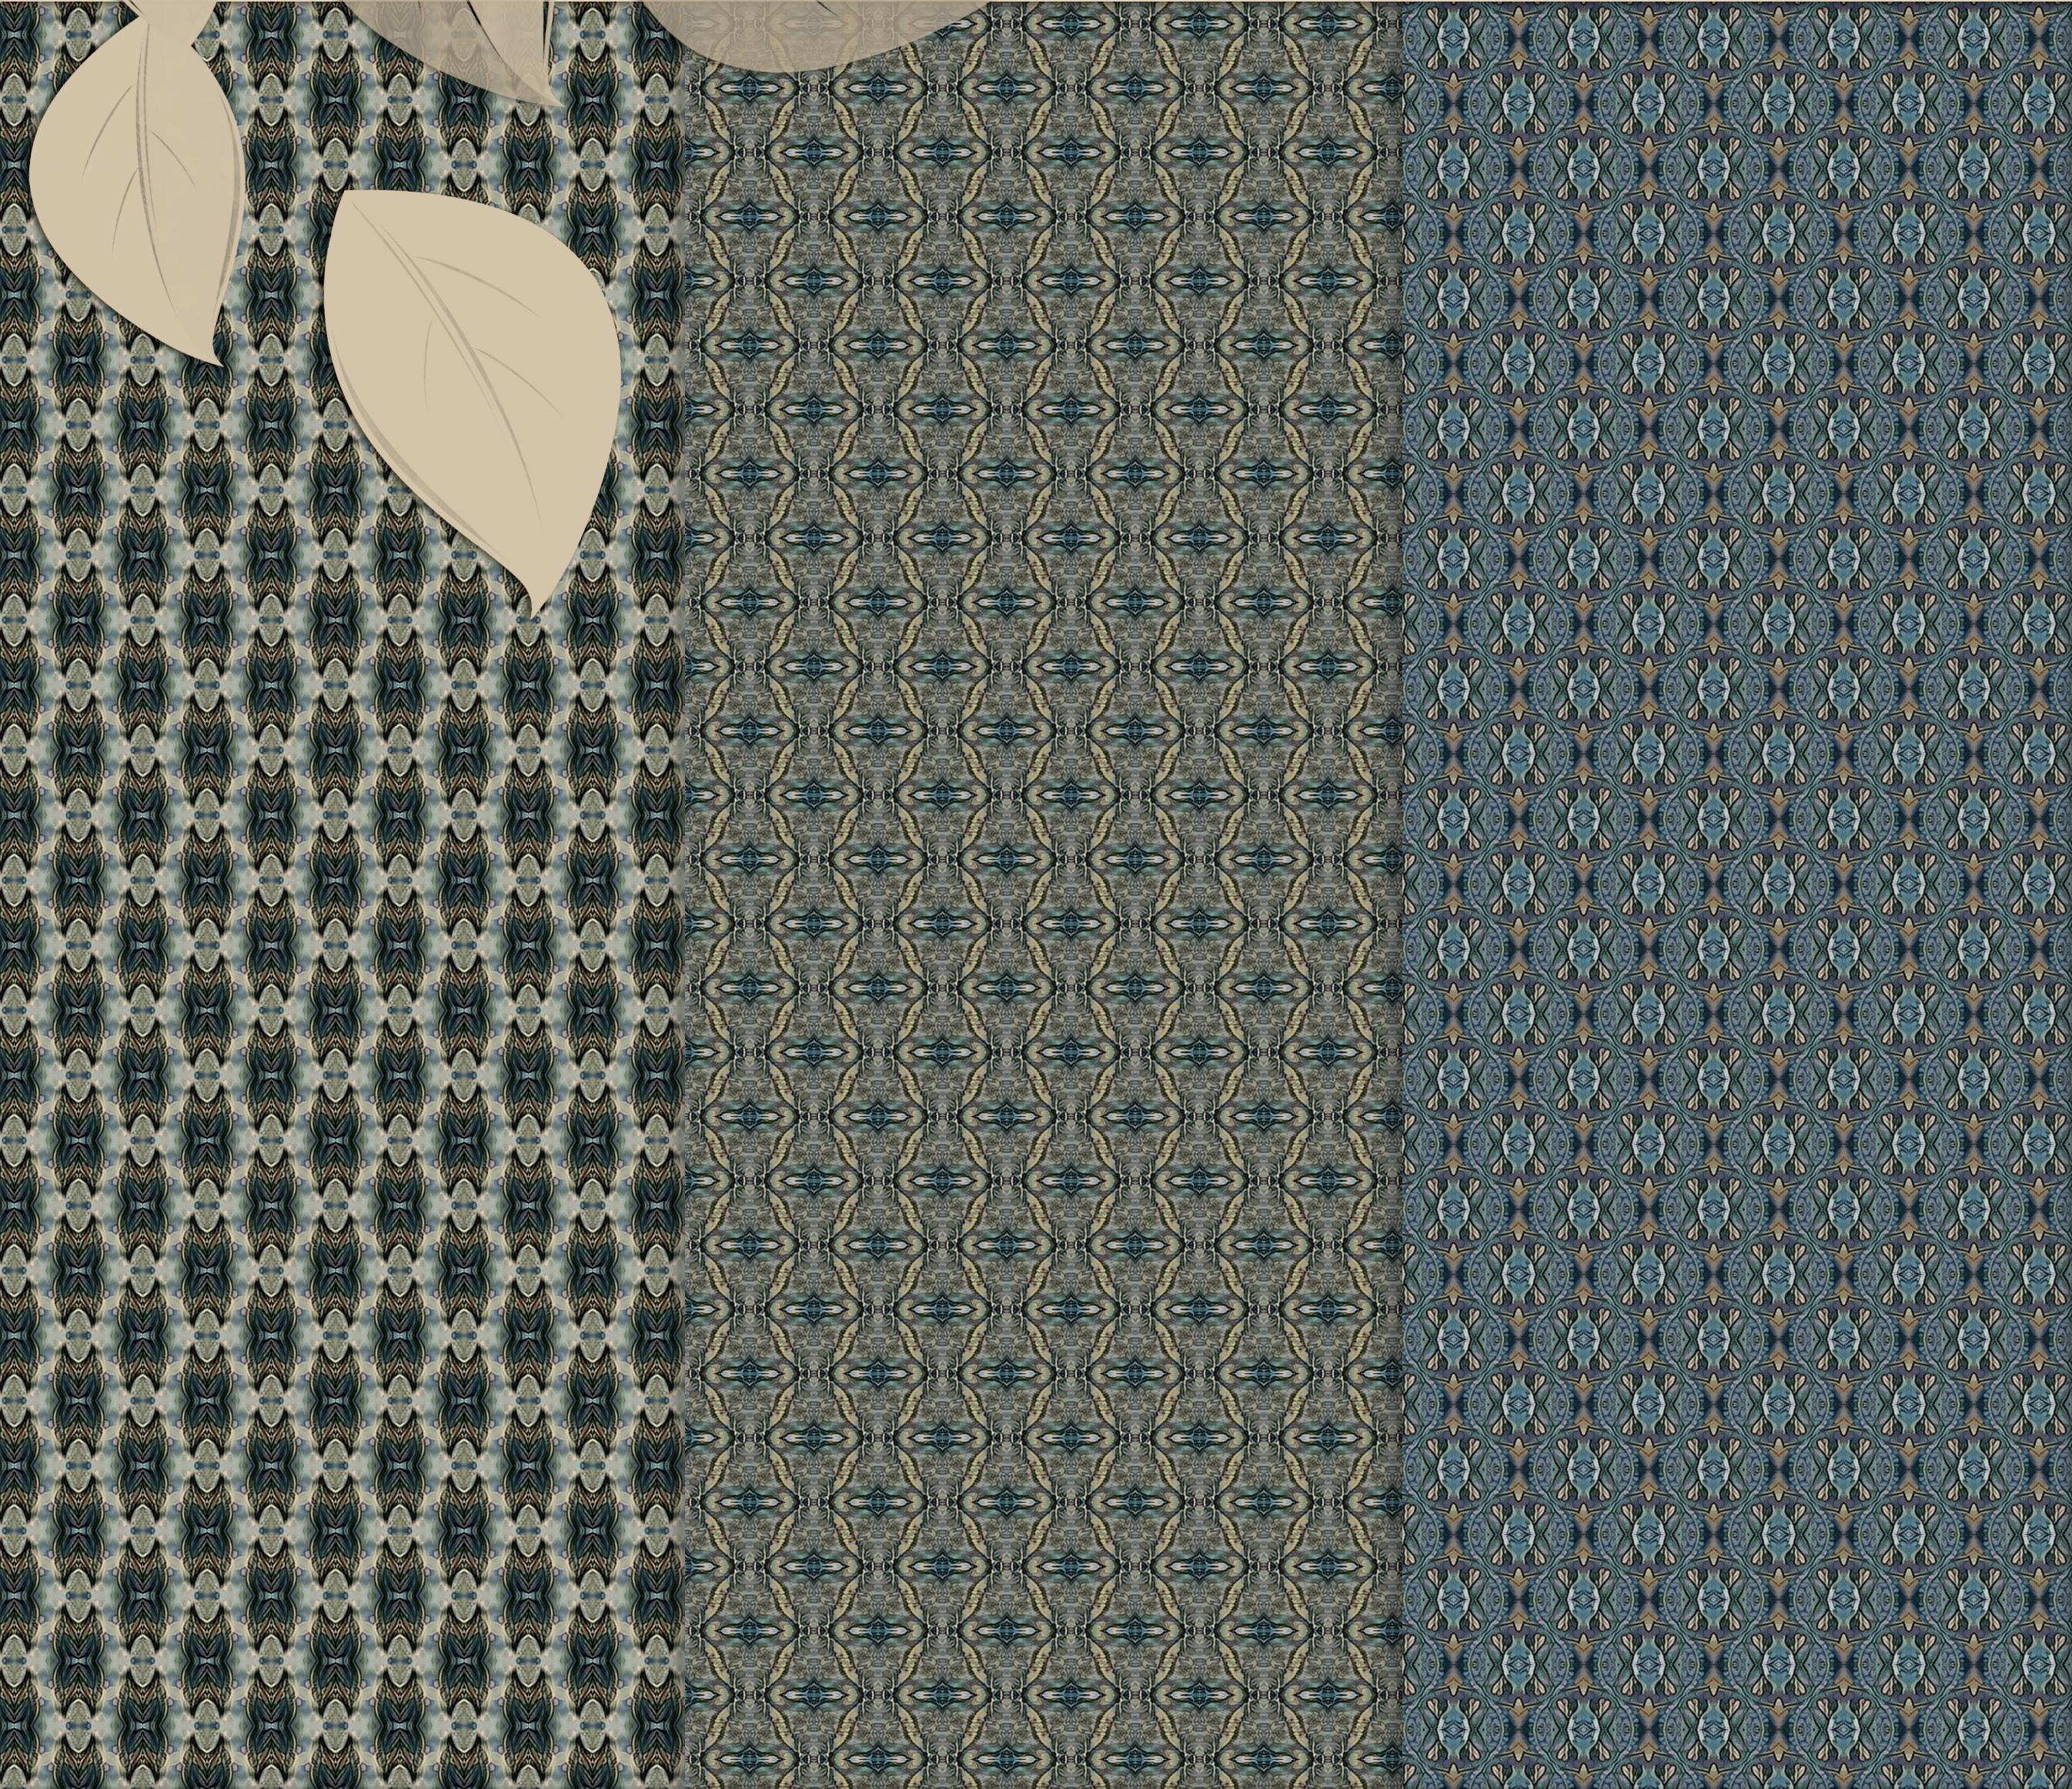 Old vintage blue-beige masculine Scrapbook Paper example image 6